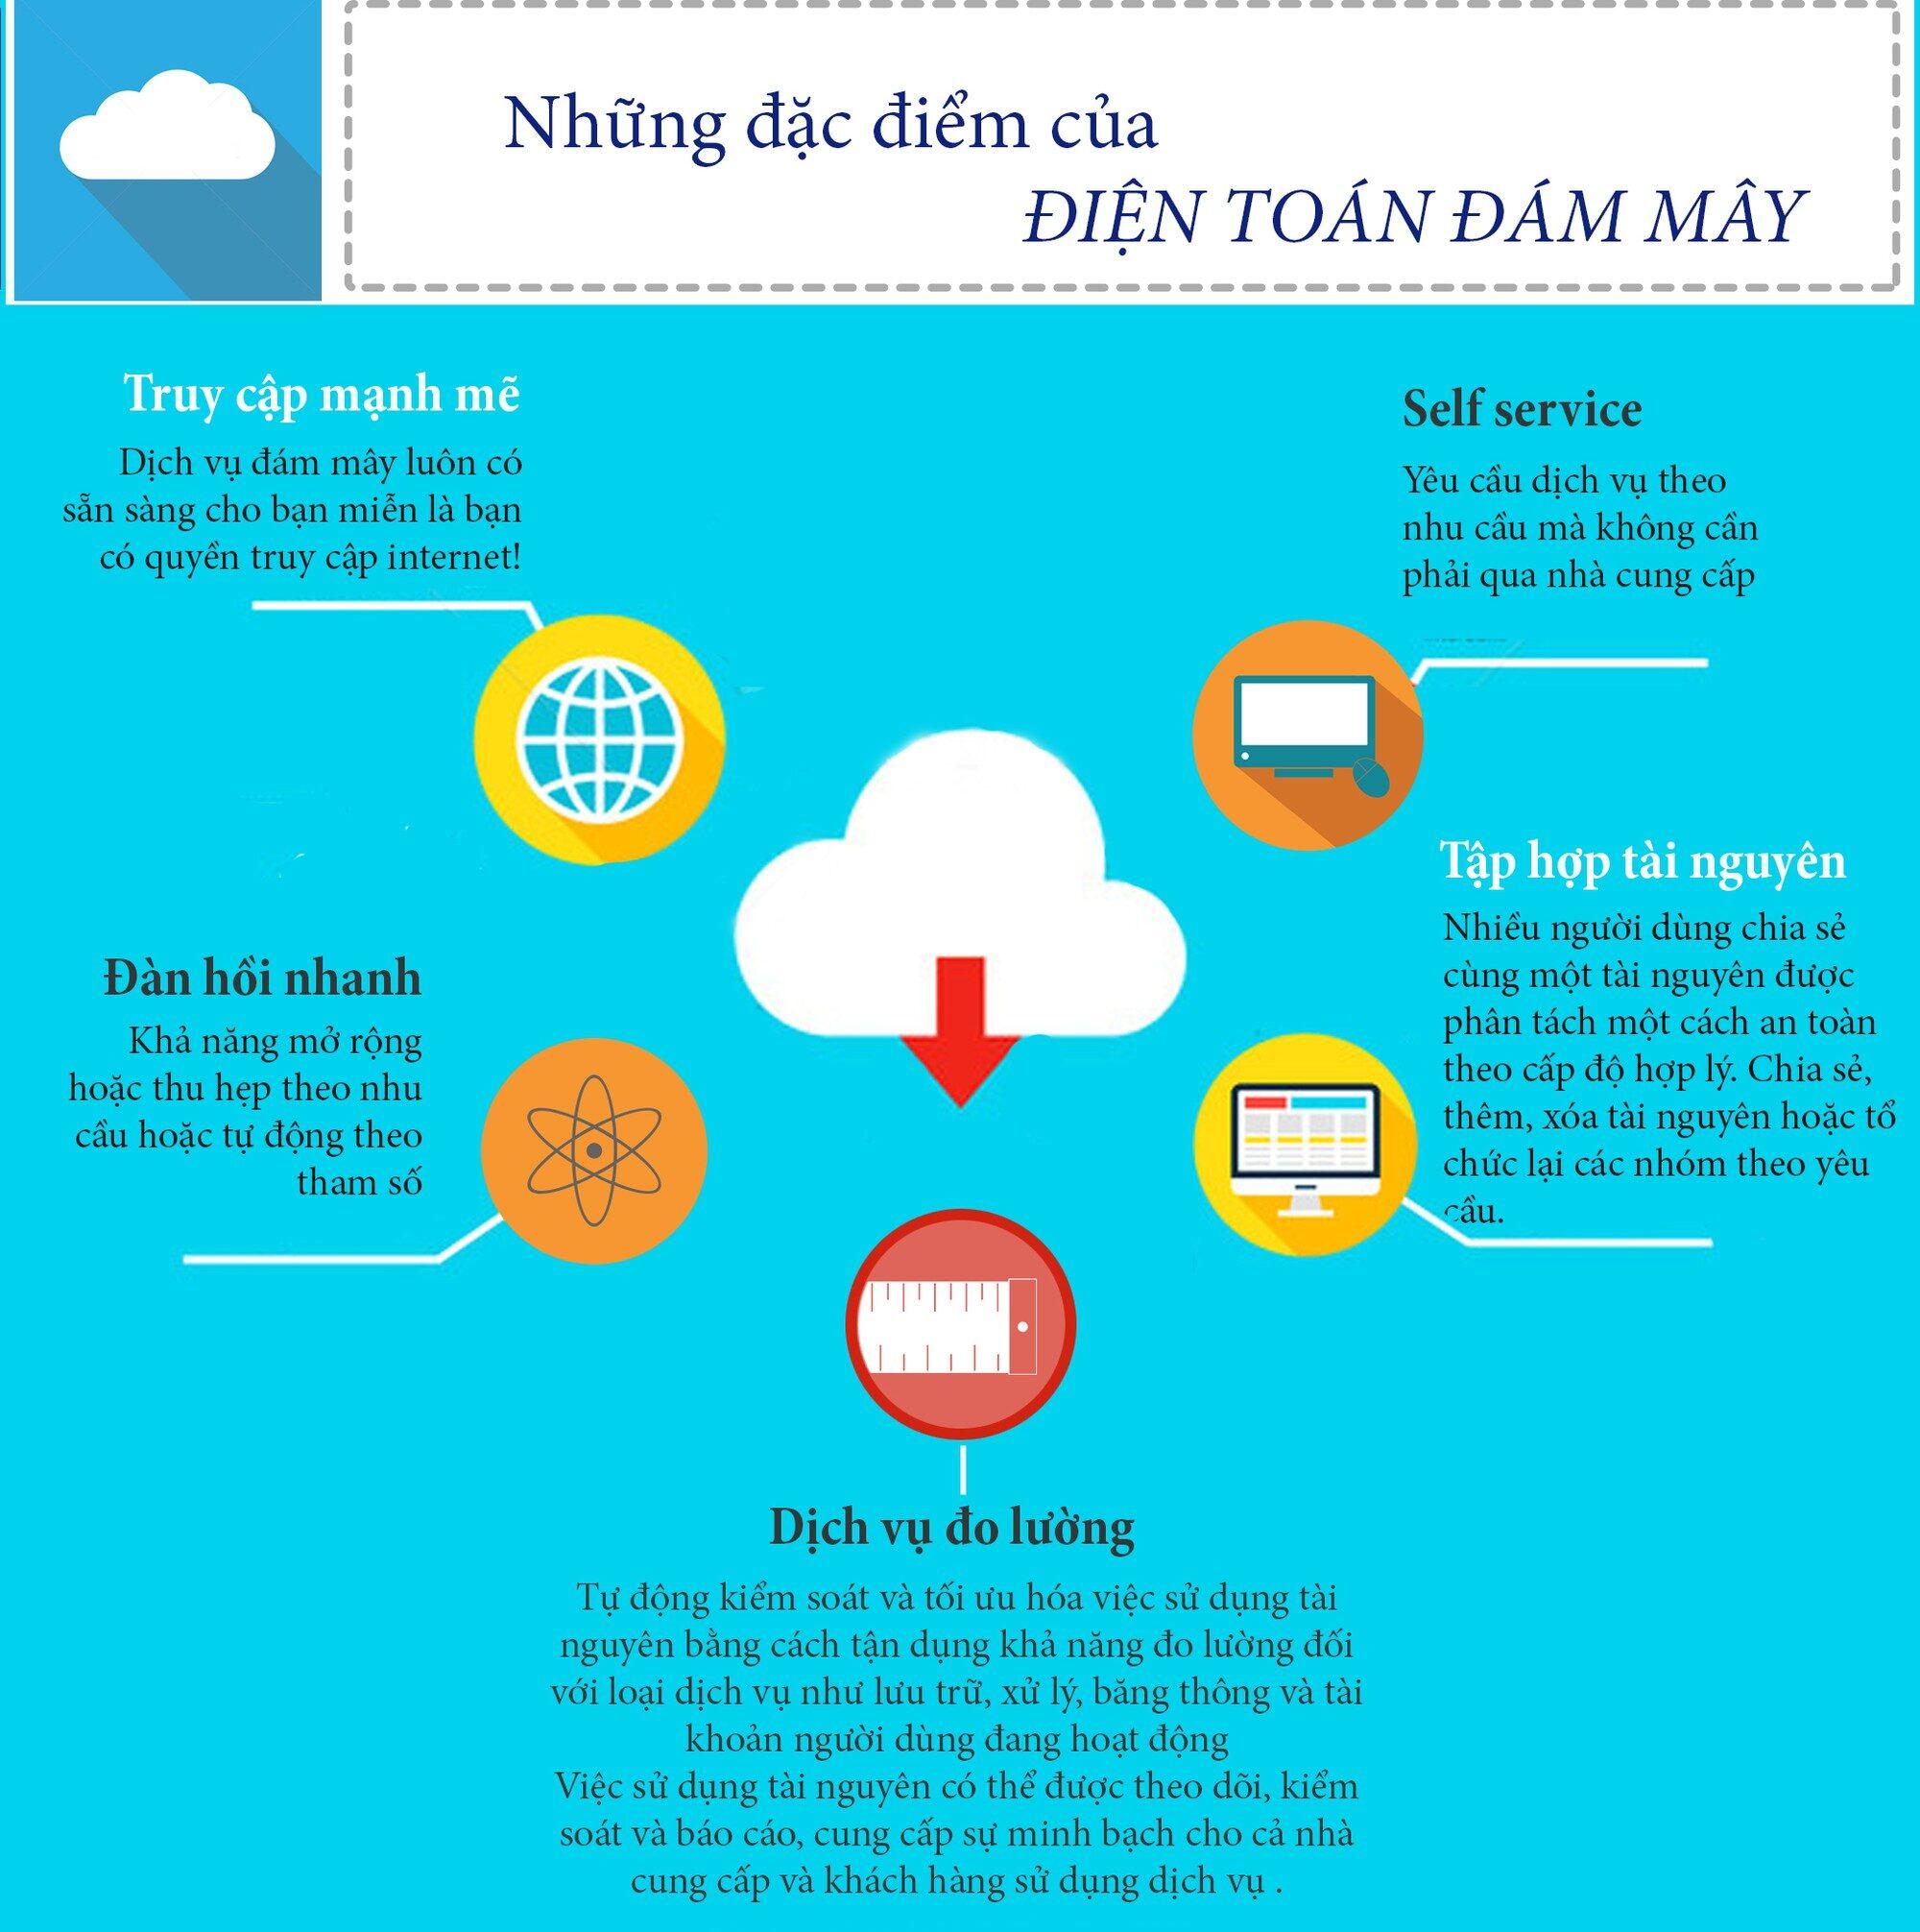 5 đặc điểm của điện toán đám mây